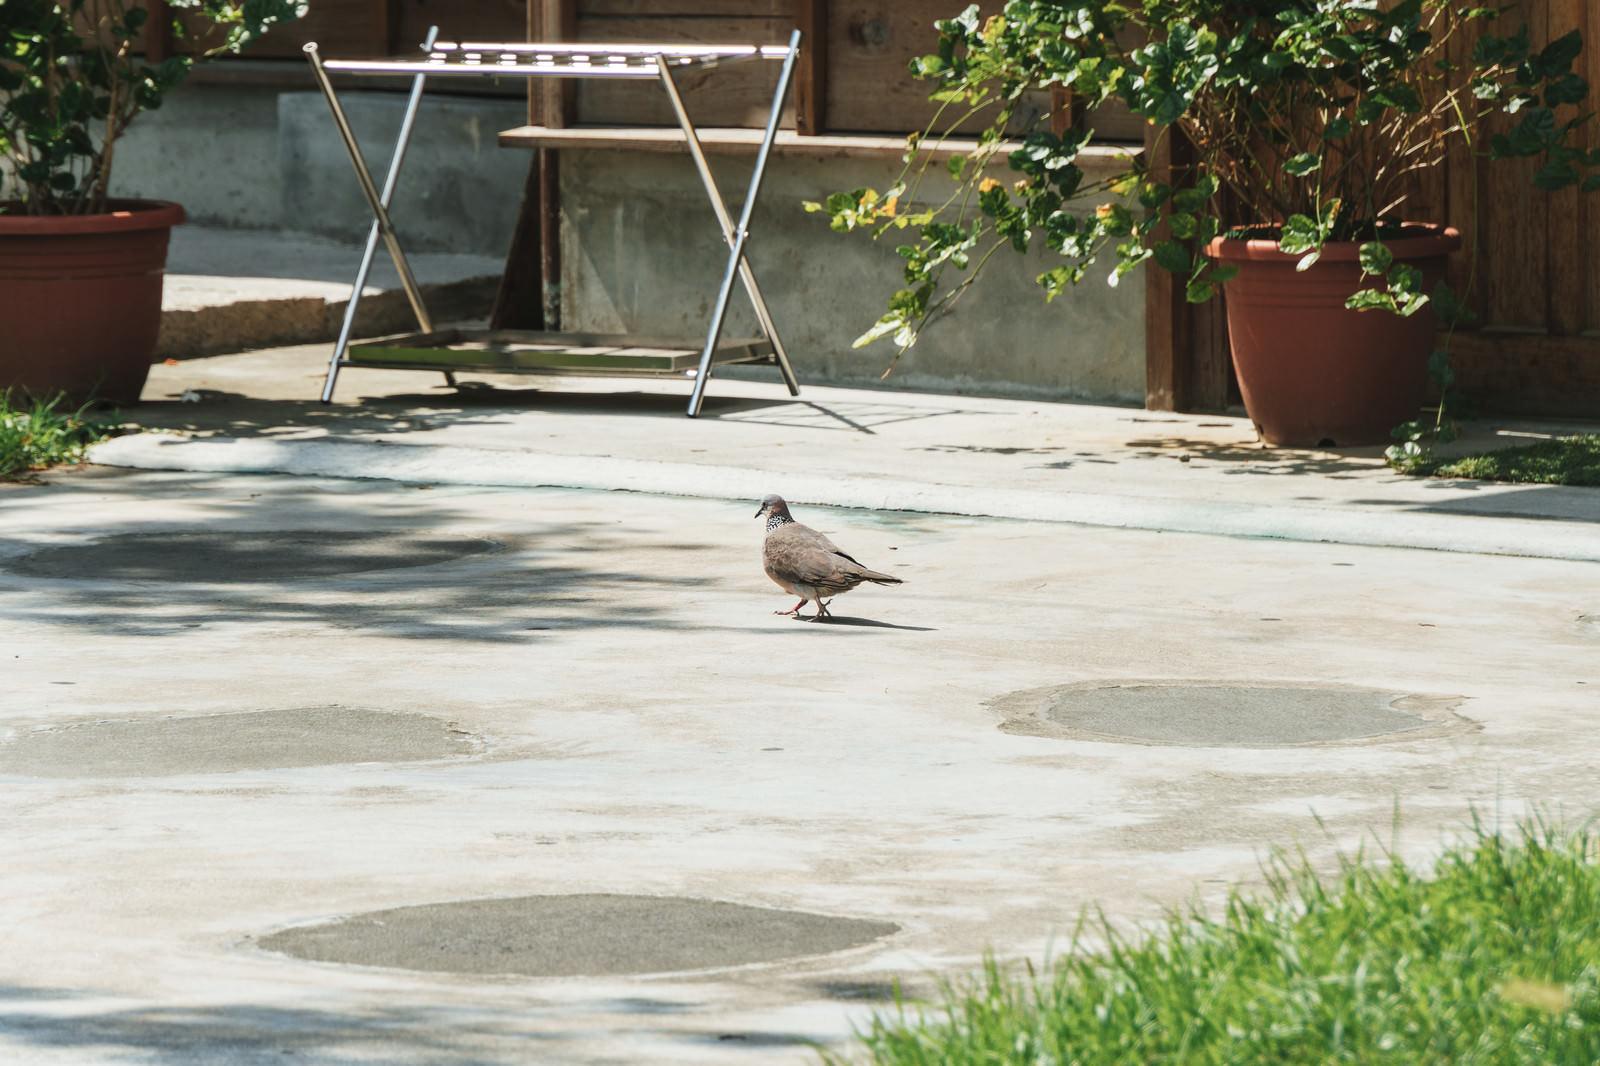 「庭を歩く鳩さん庭を歩く鳩さん」のフリー写真素材を拡大